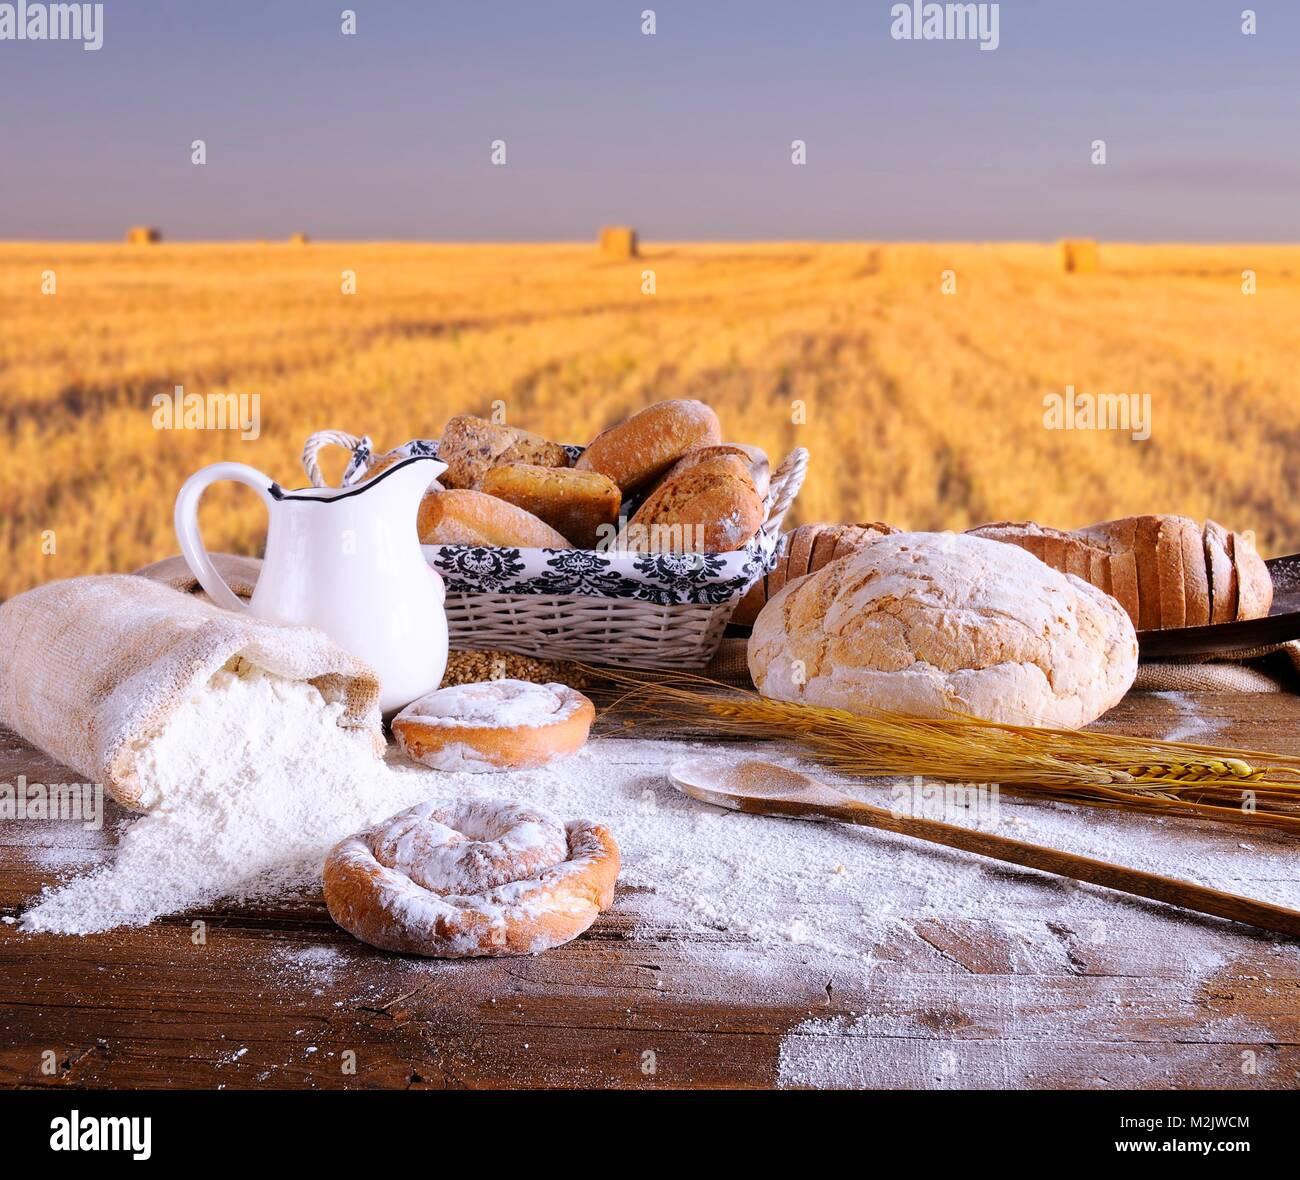 Gli ingredienti sul tavolo del panificio. Immagini Stock